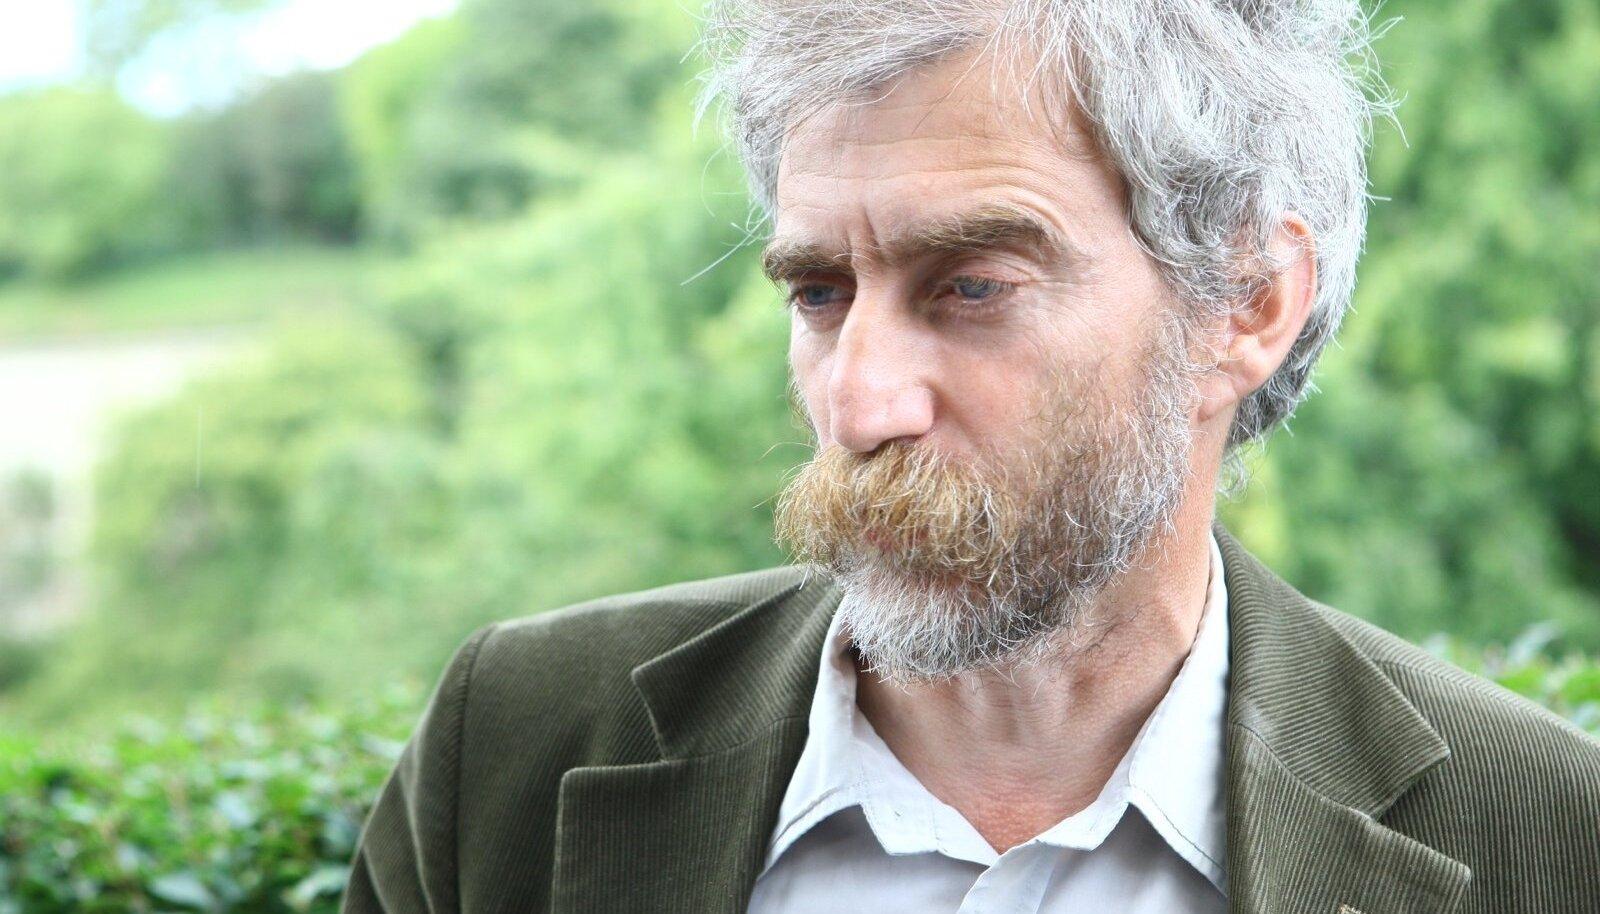 Aleksei Lotman kaitseb loodust ja peab lihaveiseid. See annab võimaluse analüüsida keskkonnateemasid nii põllumehe kui ka looduskaitsja mätta otsast.